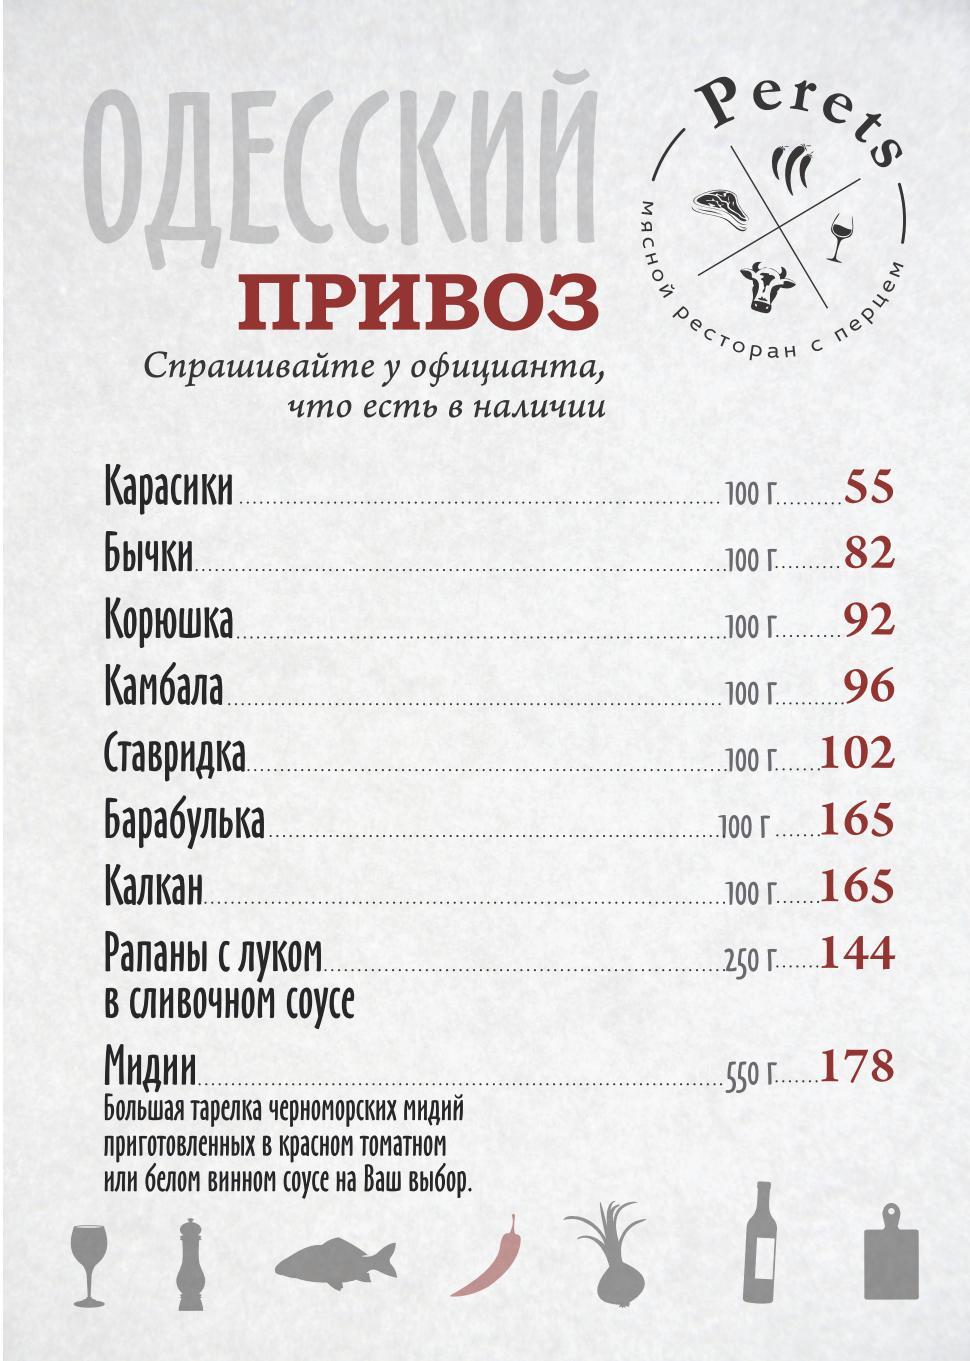 Одесское меню ресторана PERETS